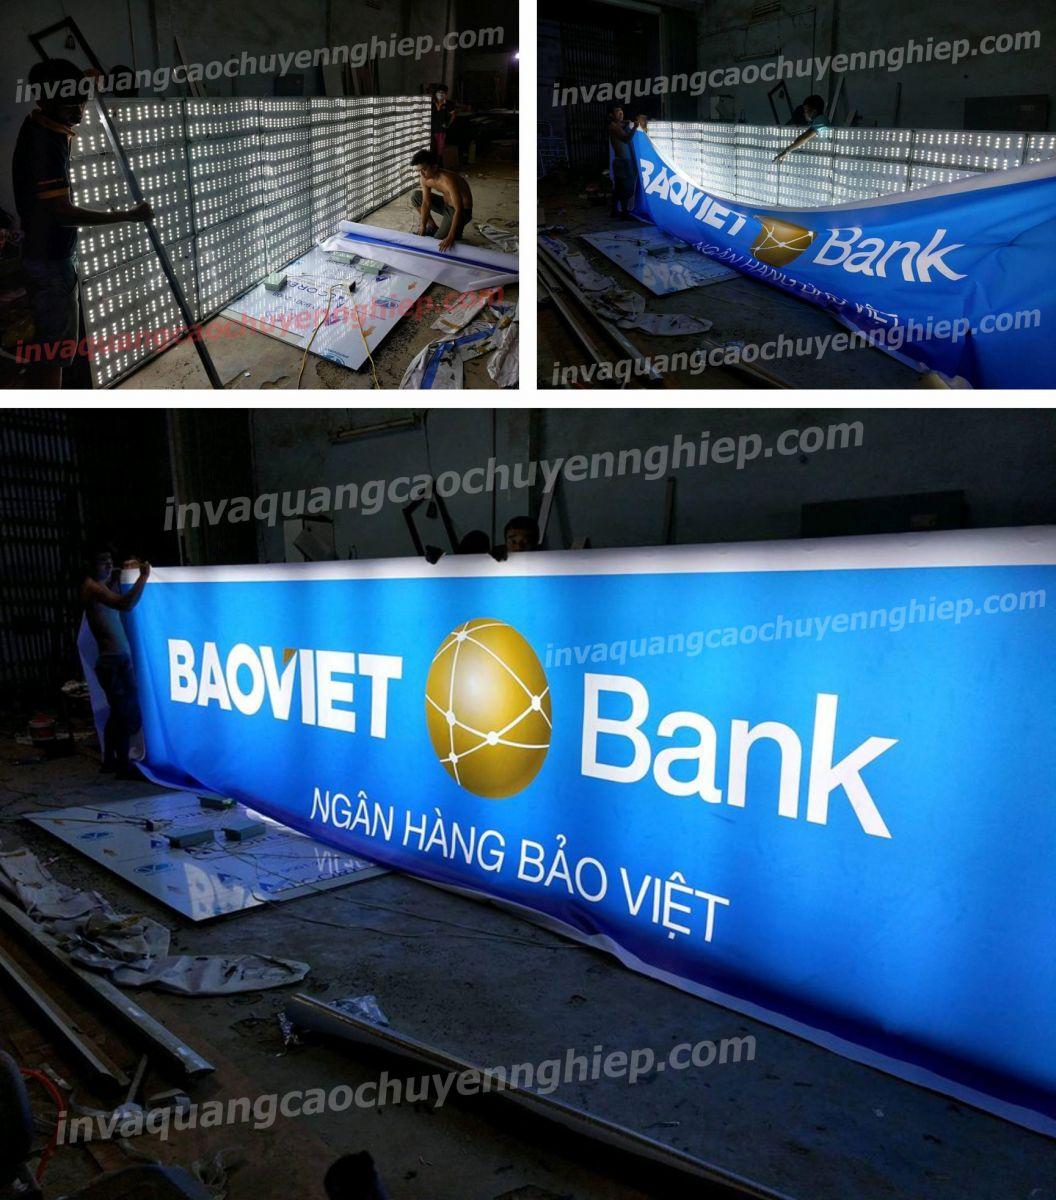 Cấu tạo của biển quảng cáo hộp đèn led gồm: Thanh vuông sắt mạ kẽm 25×25. Bề mặt căng tấm Hiflex 3M nhập khẩu của Mỹ in công nghệ UV trên máy ...